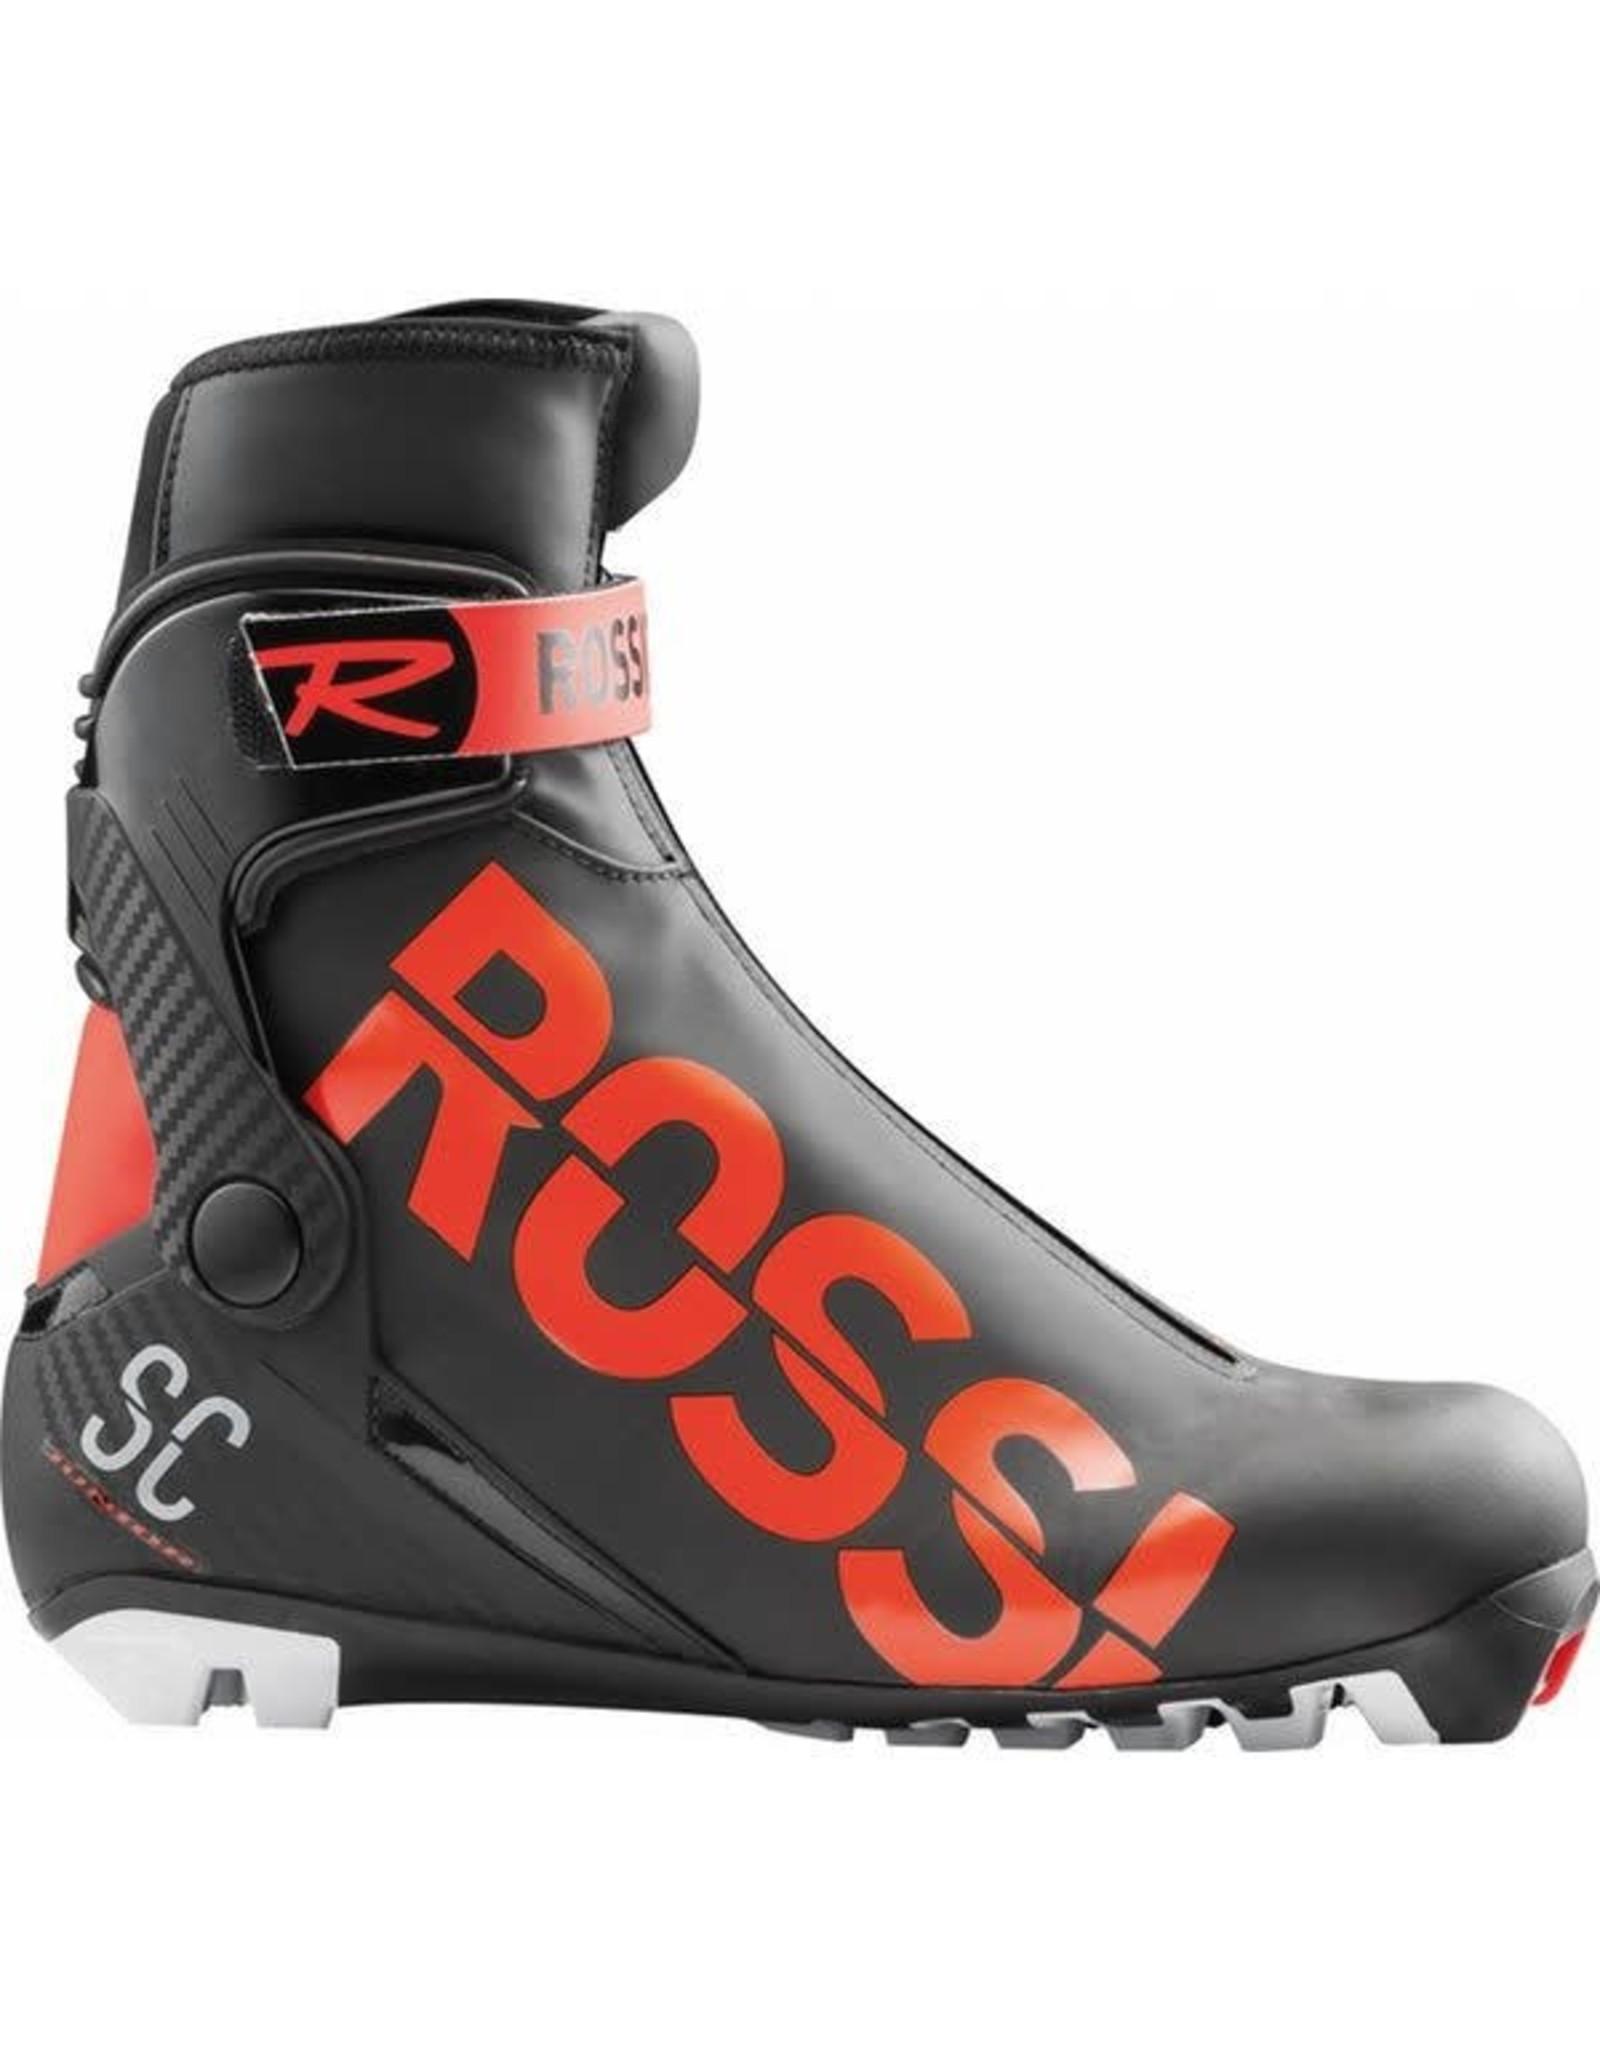 ROSSIGNOL CANADA '20 ROSSIGNOL, Ski Boots, Combi, X-ium Junior